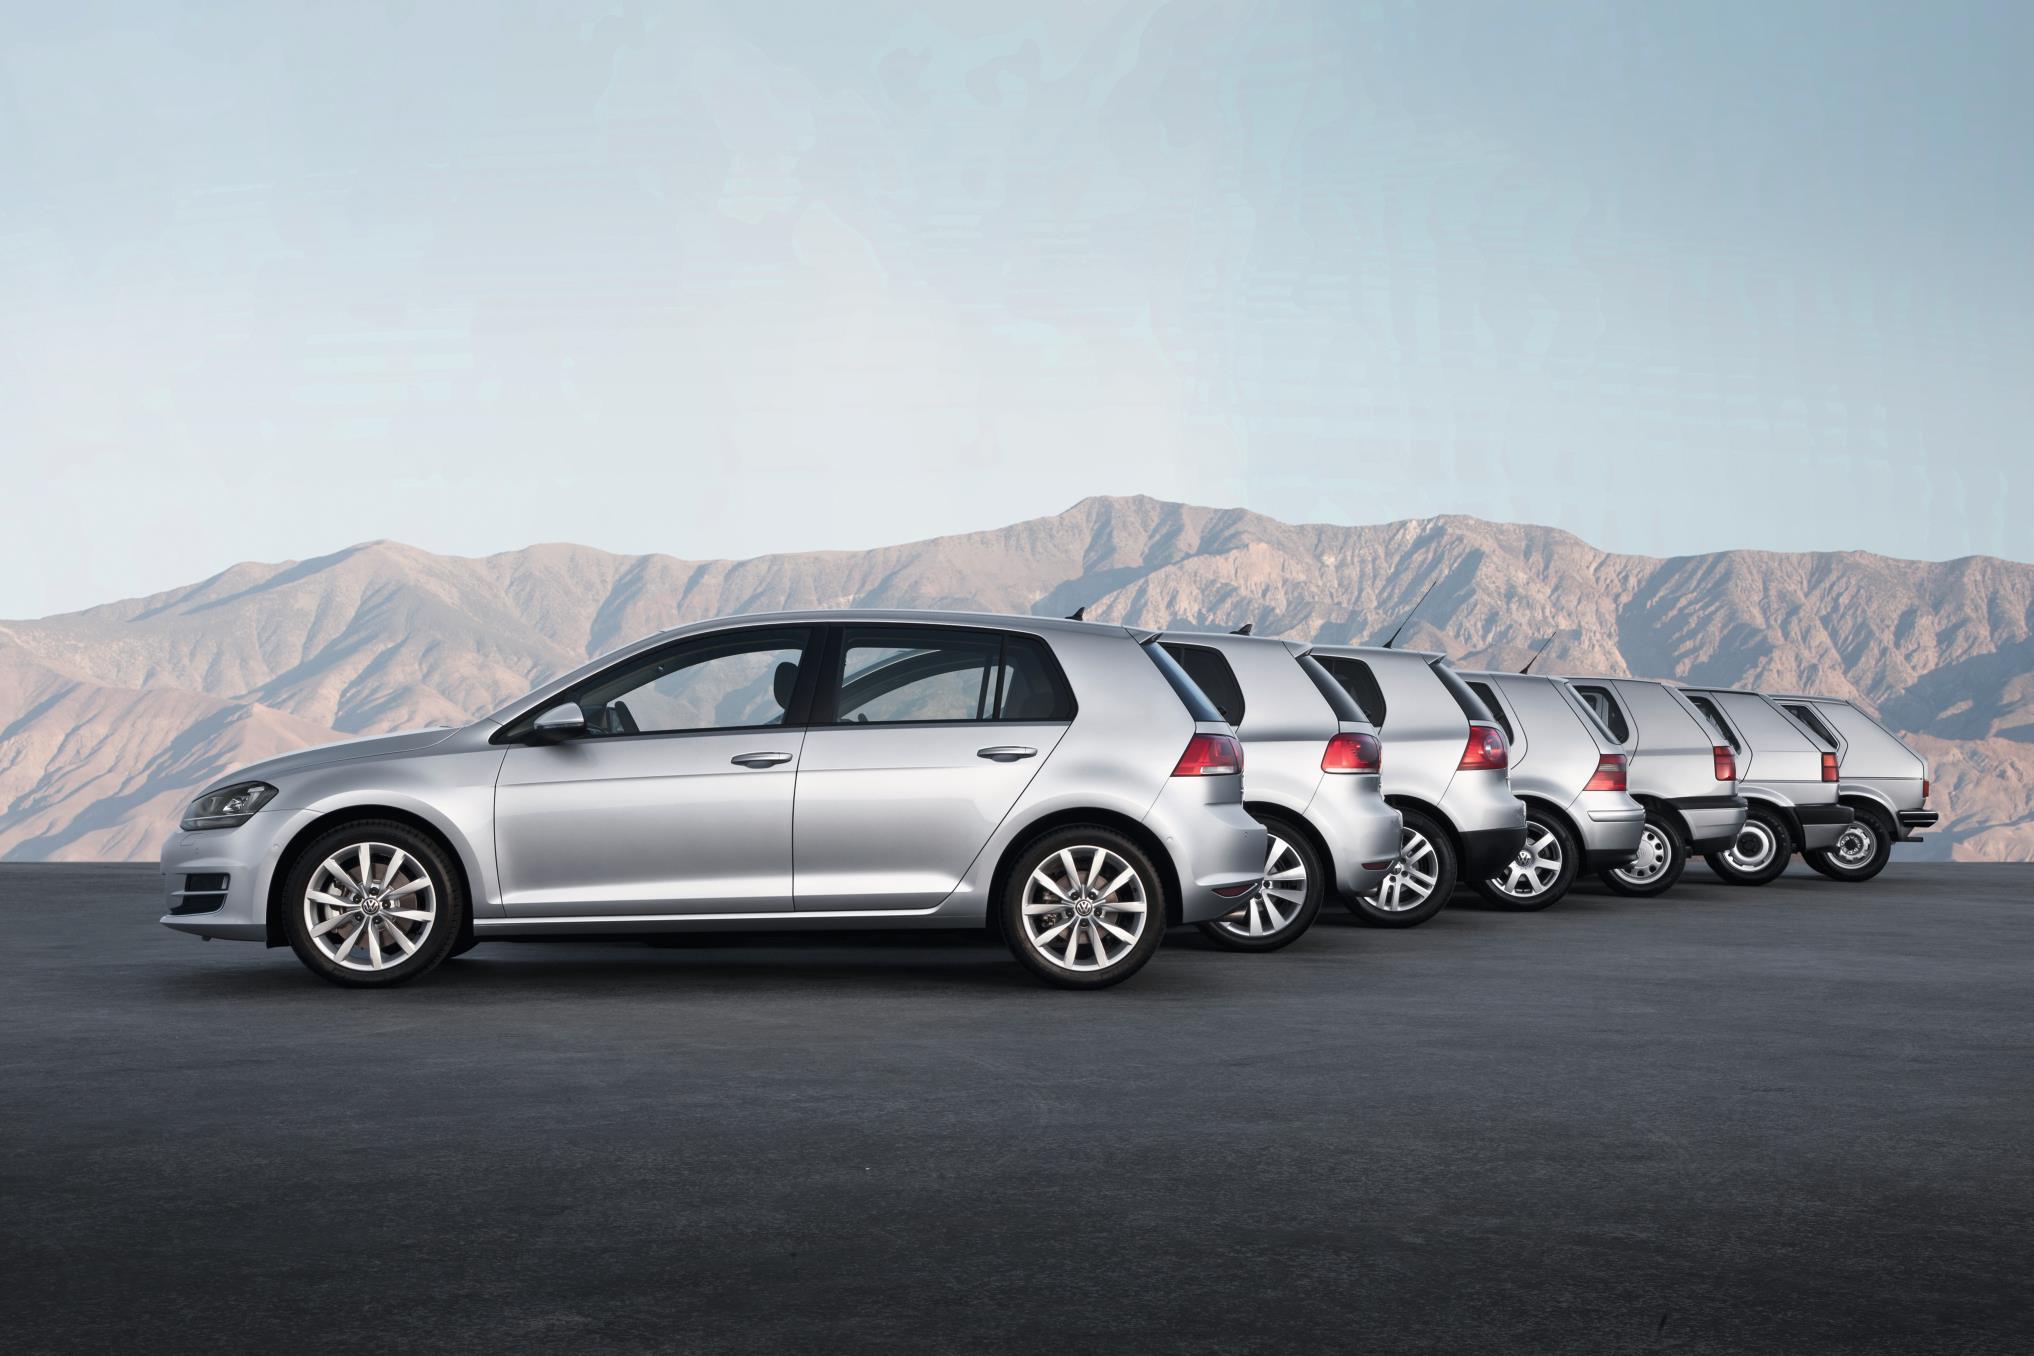 Sete gerações do Golf: Um dia depois de a Volkswagen anunciar que deixaria de vender todas as versões com exceção do GTi, celebramos o aniversário do Golf, que fez 45 anos.